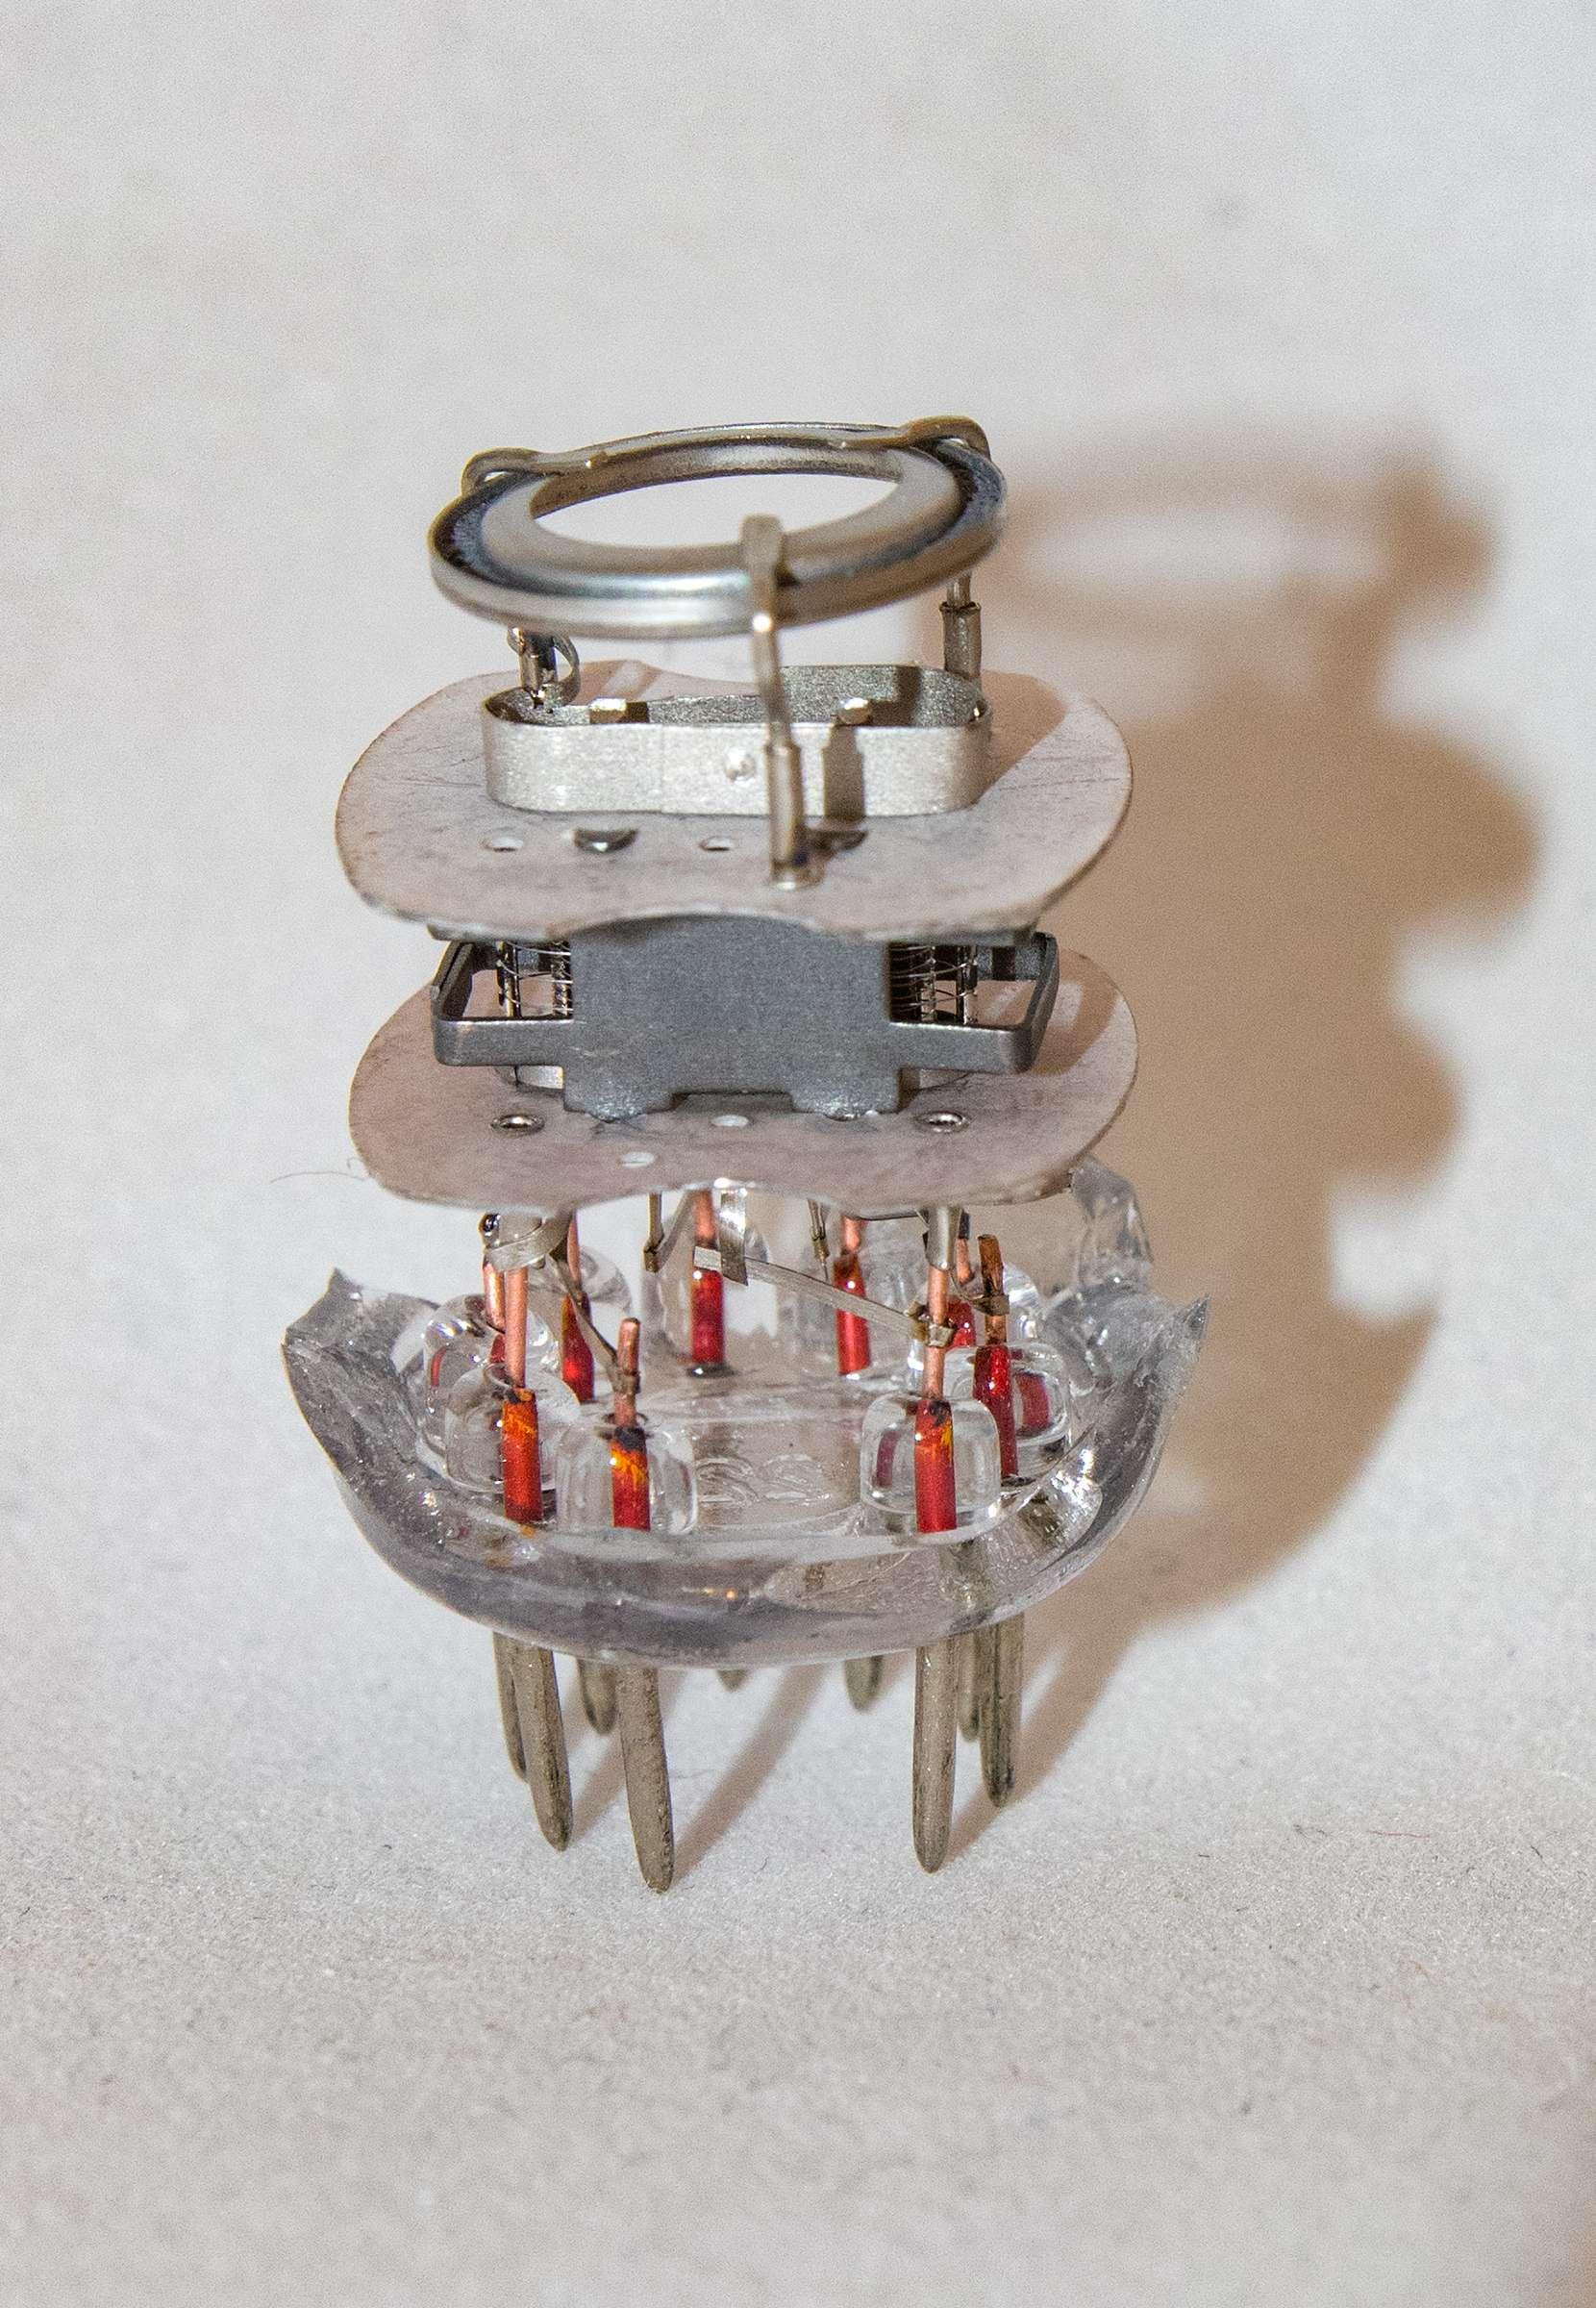 Внутреннее устройство радиолампы 6Ж9П